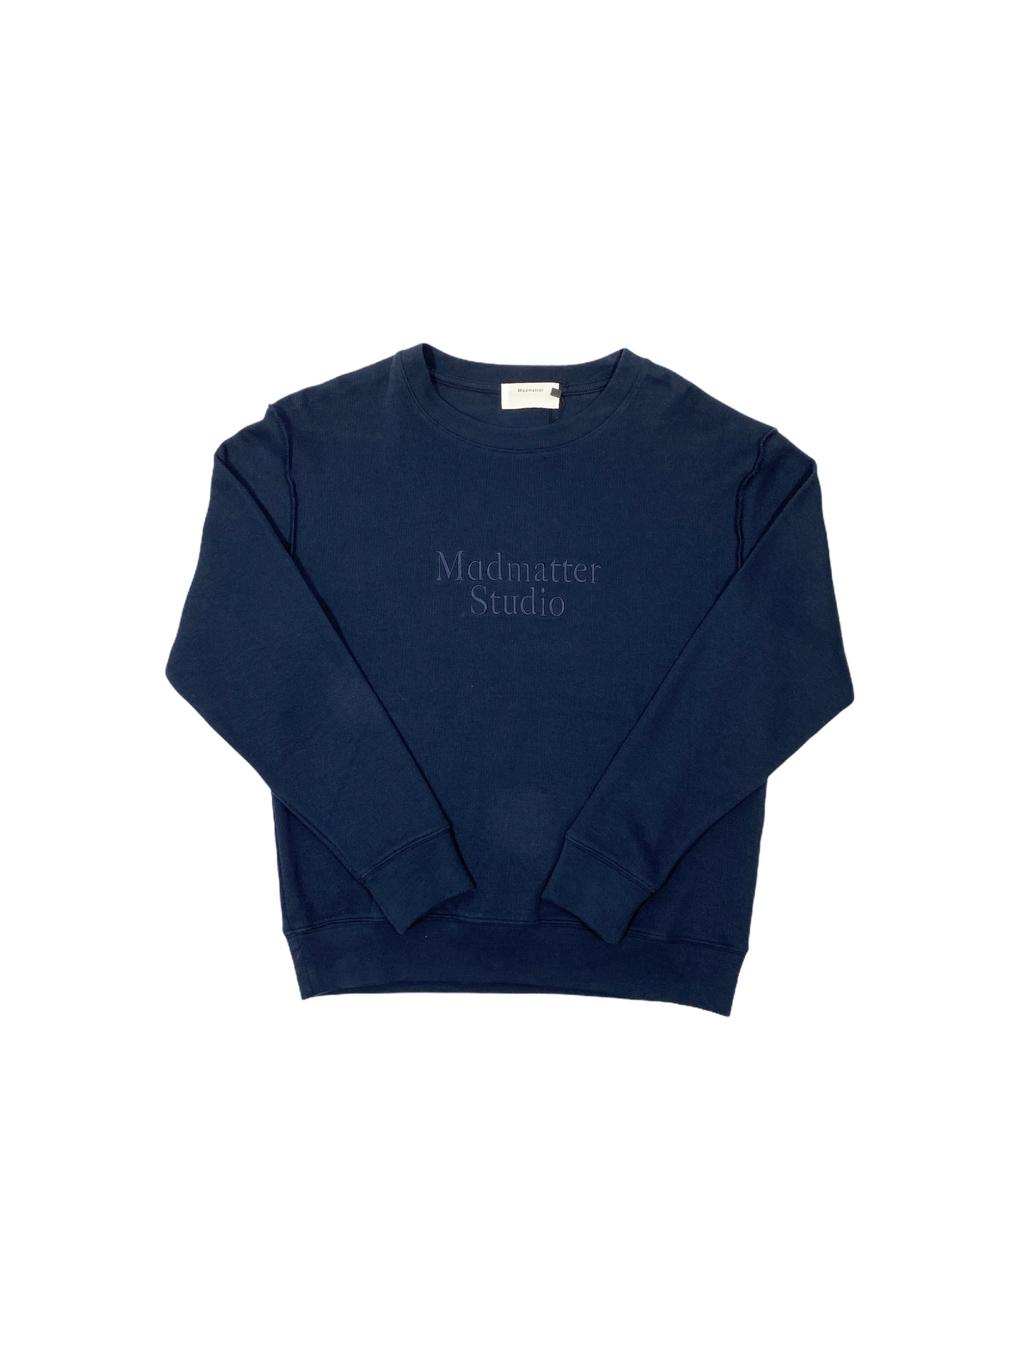 Sweatshirt  (Navy)